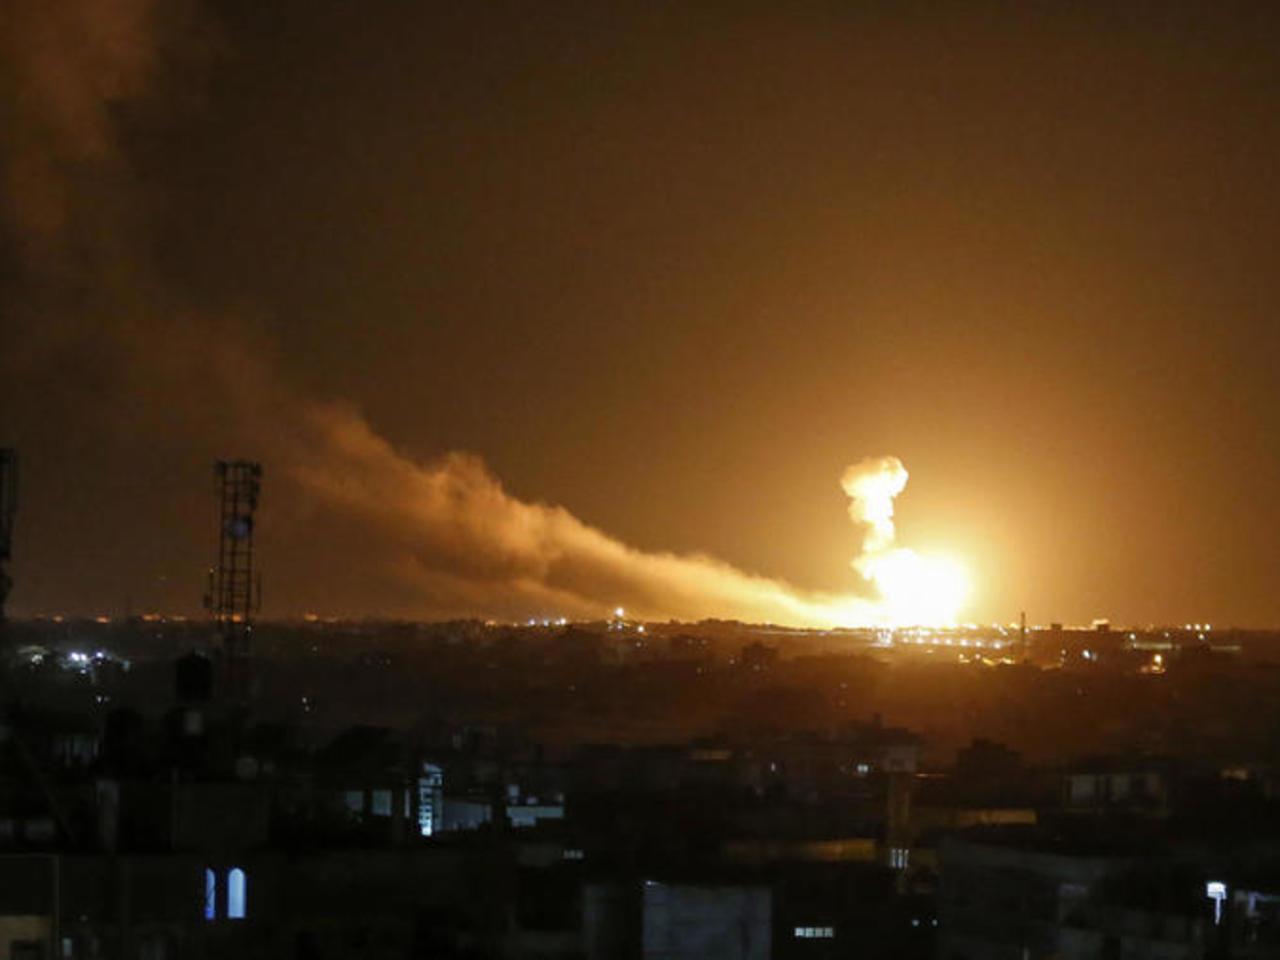 قصف إسرائيلي يستهدف مواقع إيرانية في محيط دمشق (فيديو)